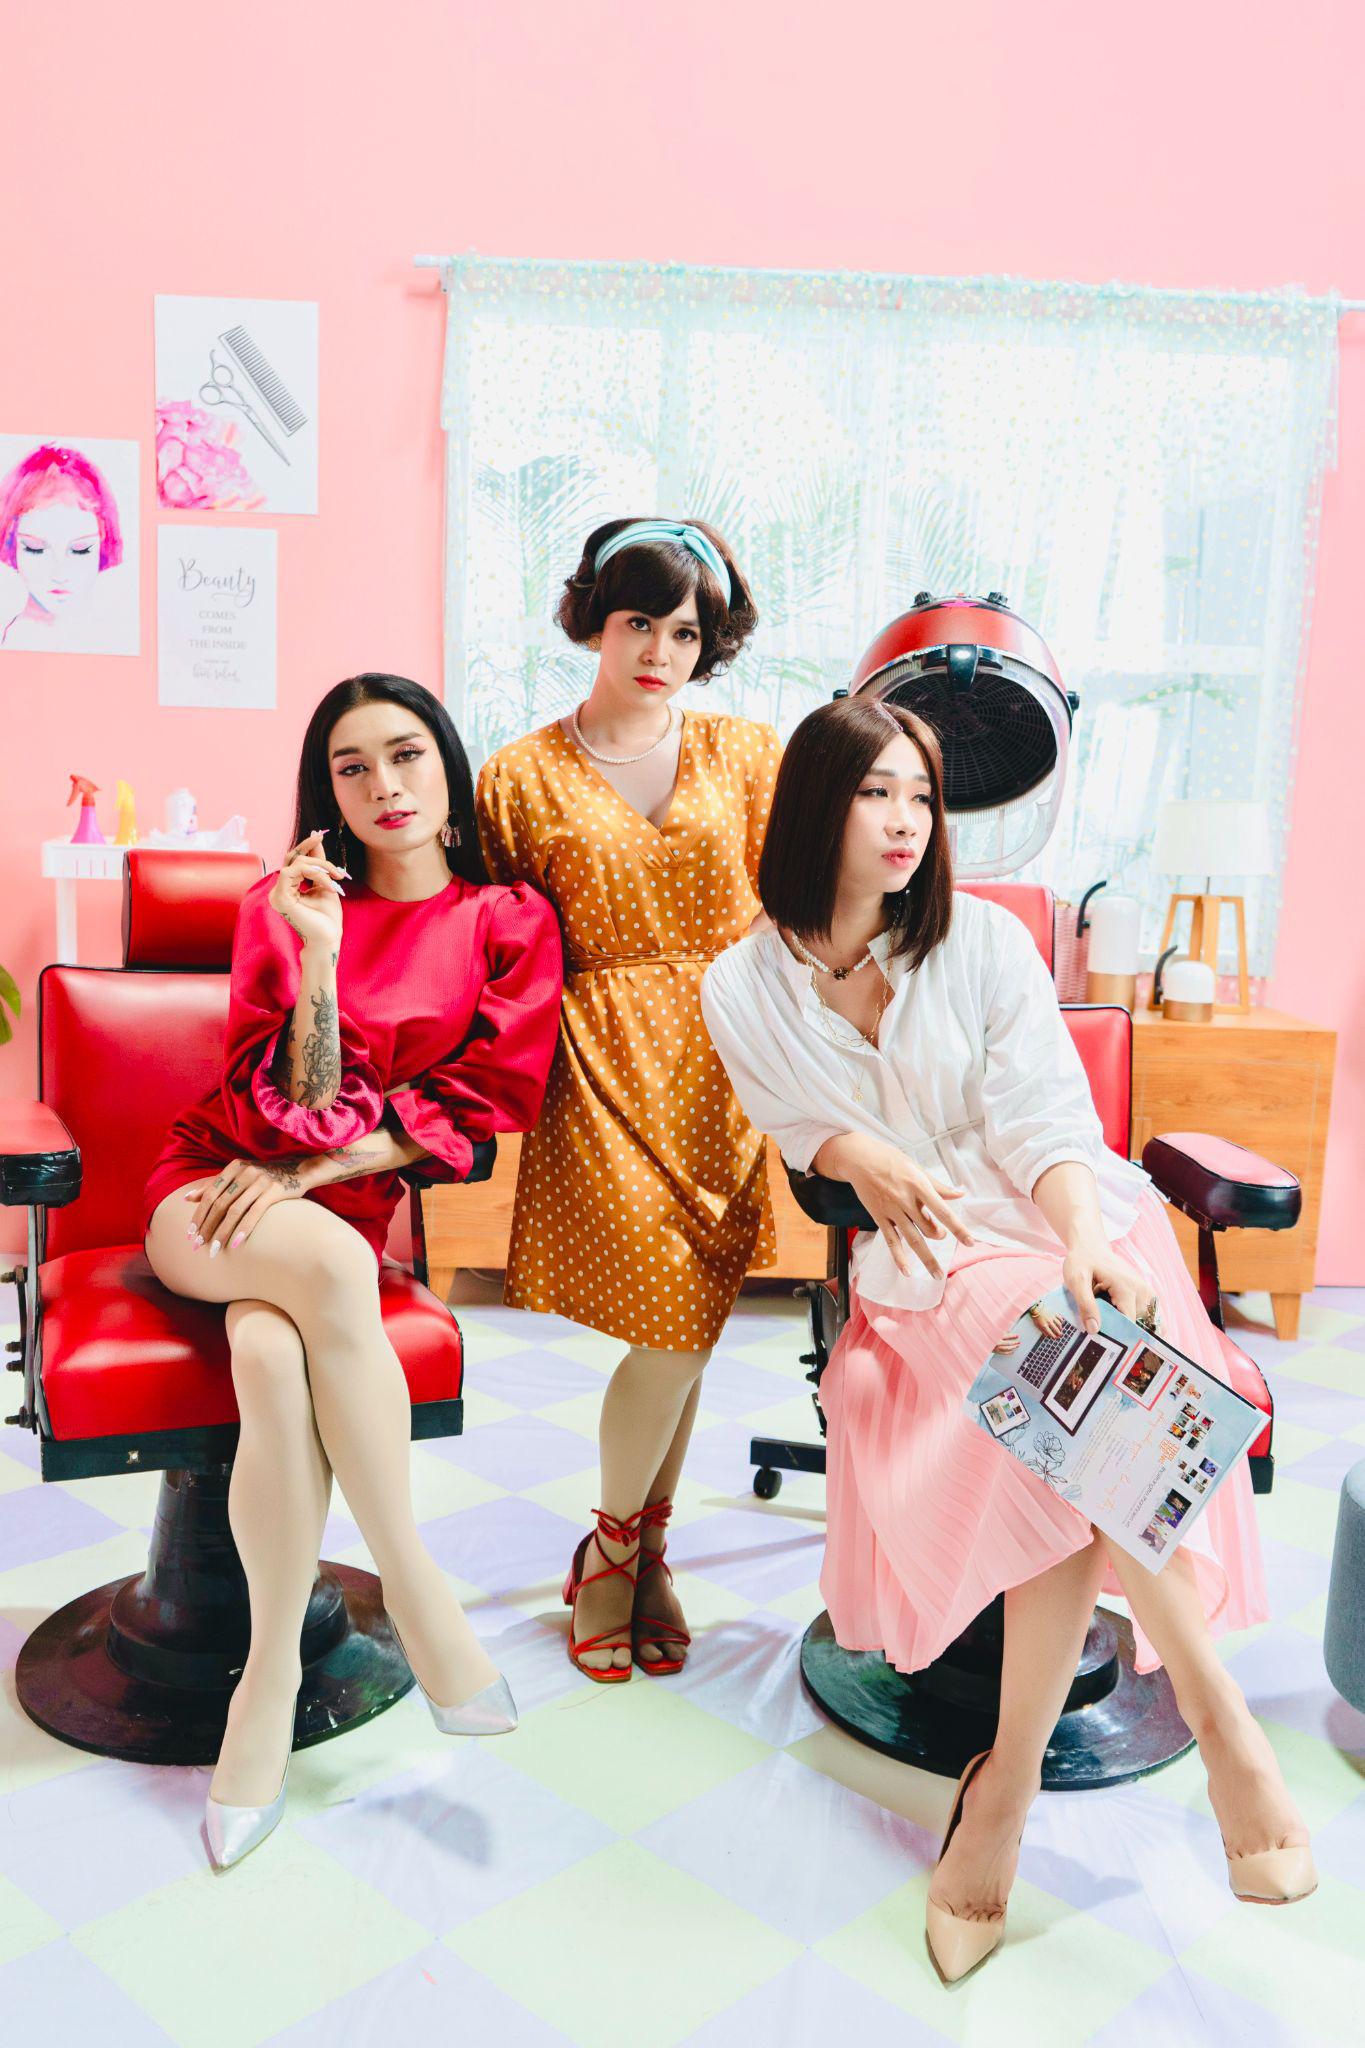 """Loạt quote cực chất trong MV mới của BB Trần, Hải Triều khiến giới trẻ """"phát cuồng"""" - Ảnh 2."""